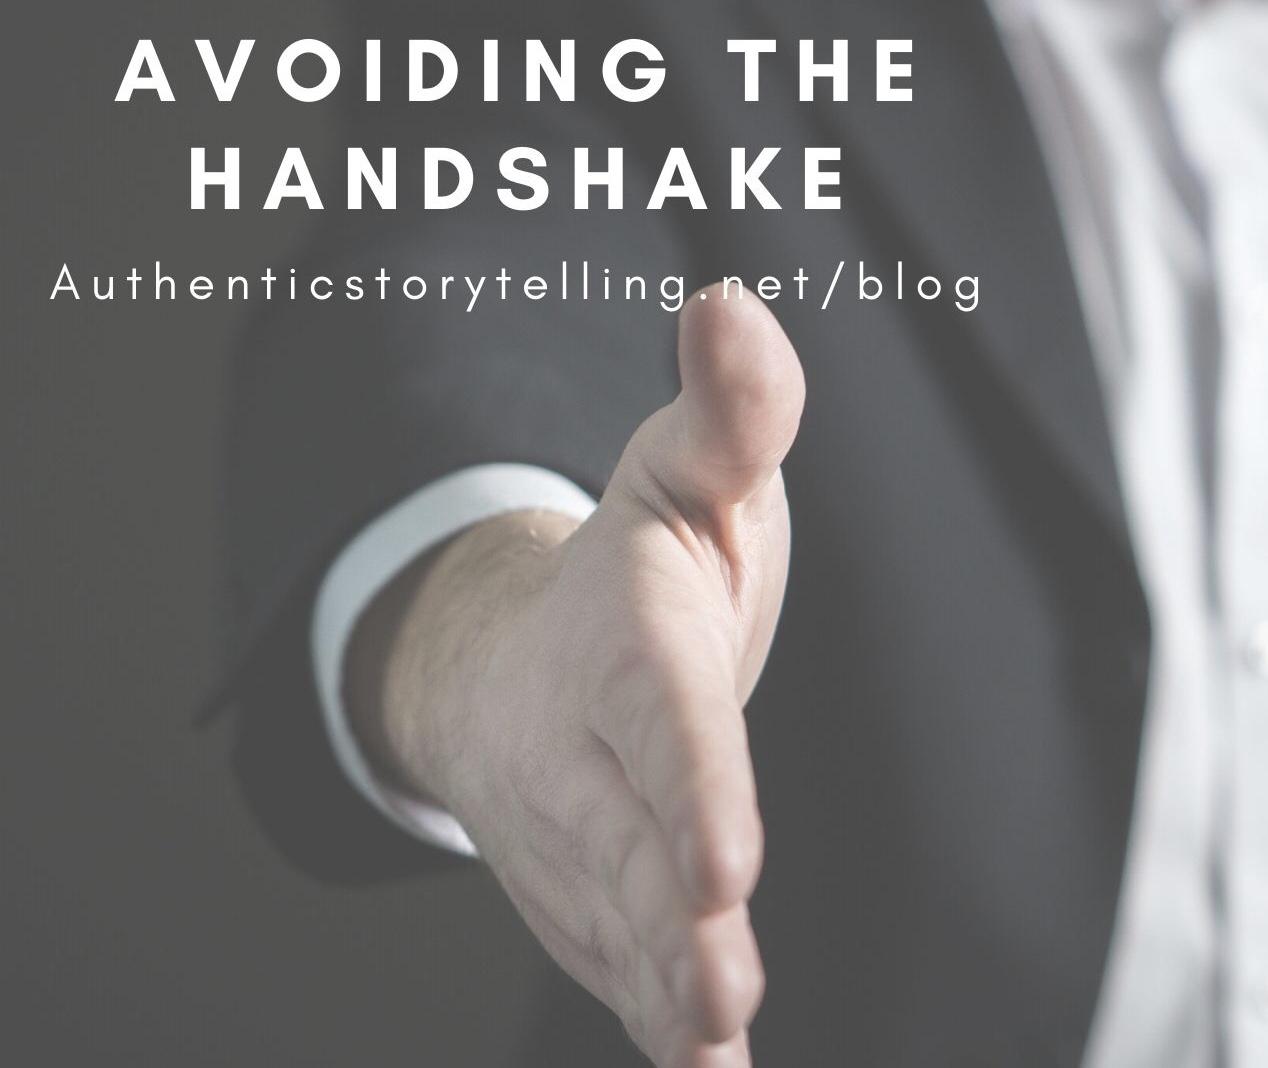 Avoiding the handshake